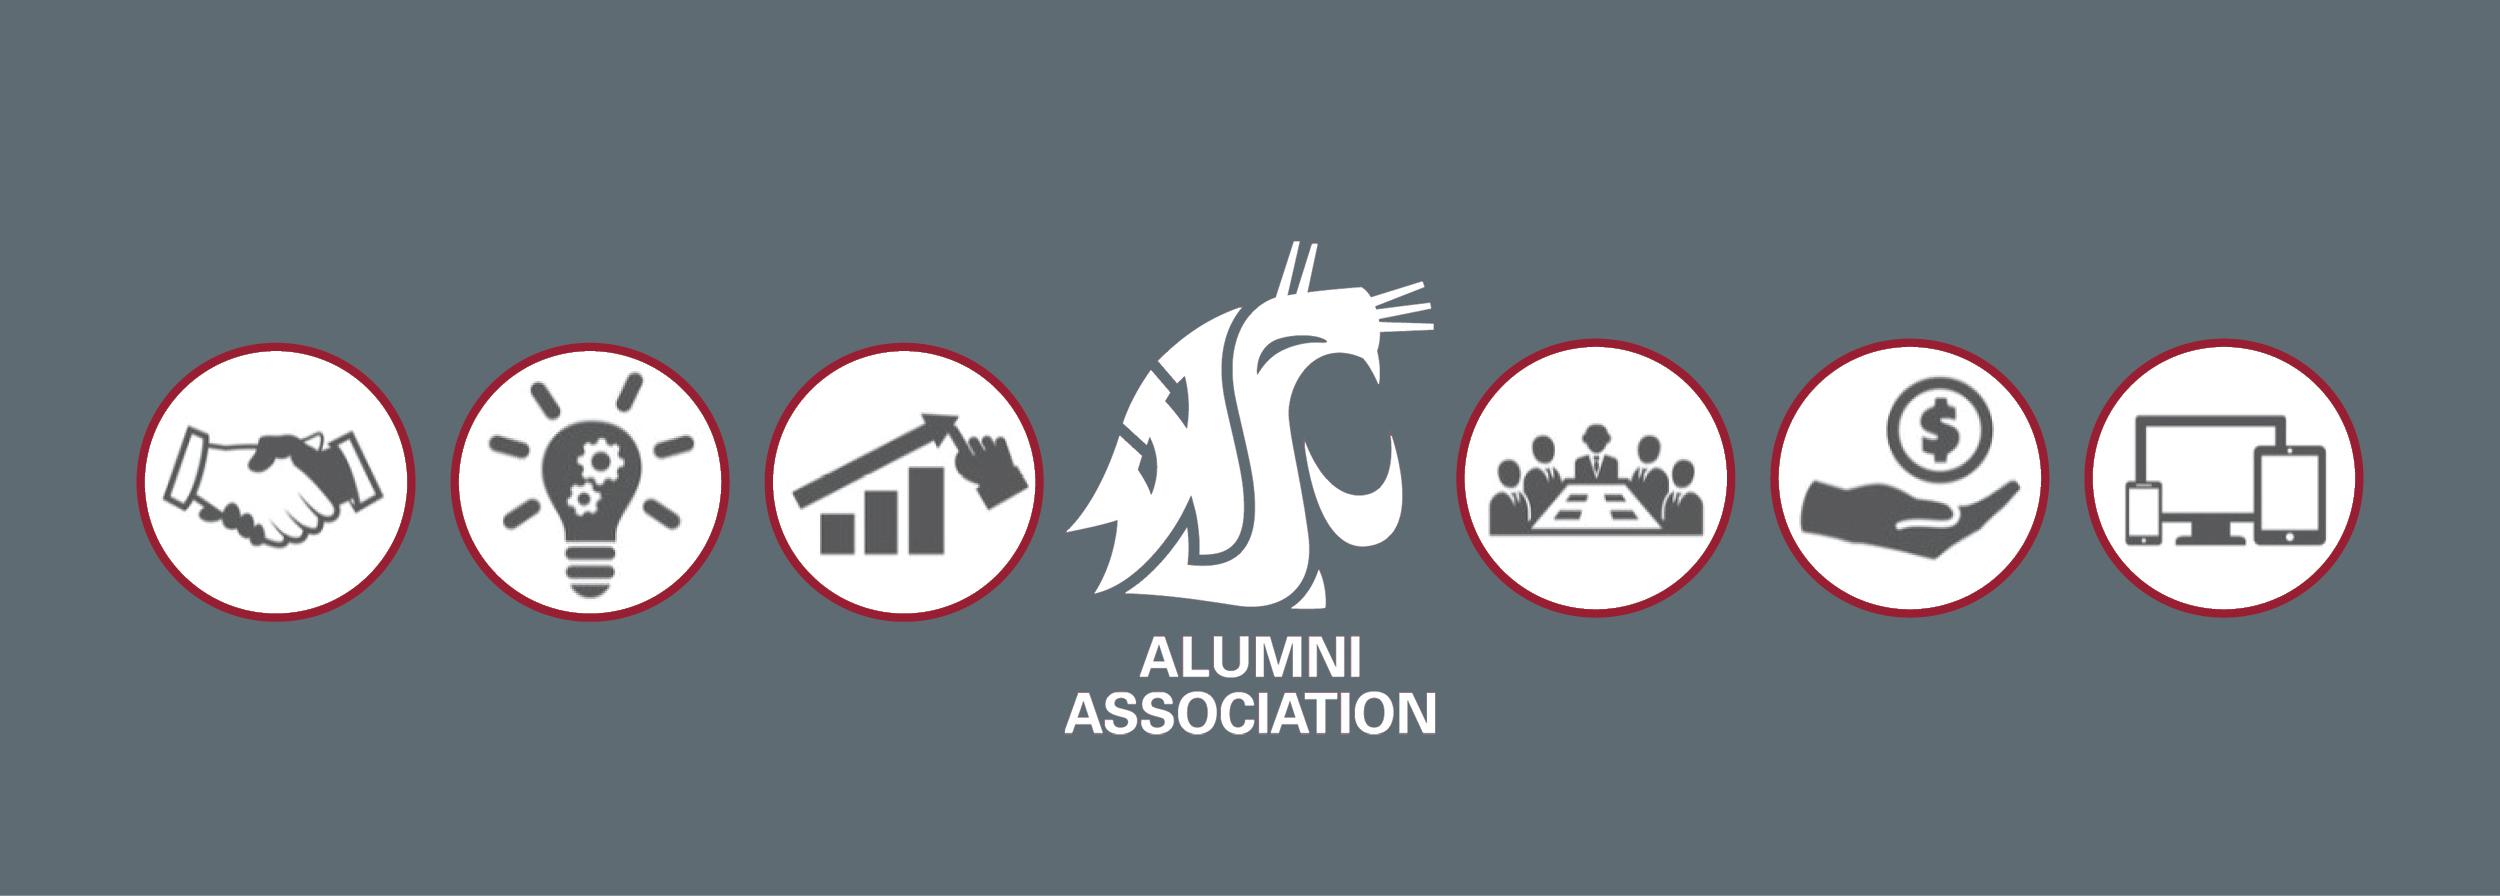 Image for Cougar Career Academy: Experiential Recruiting Through Micro-Internships webinar